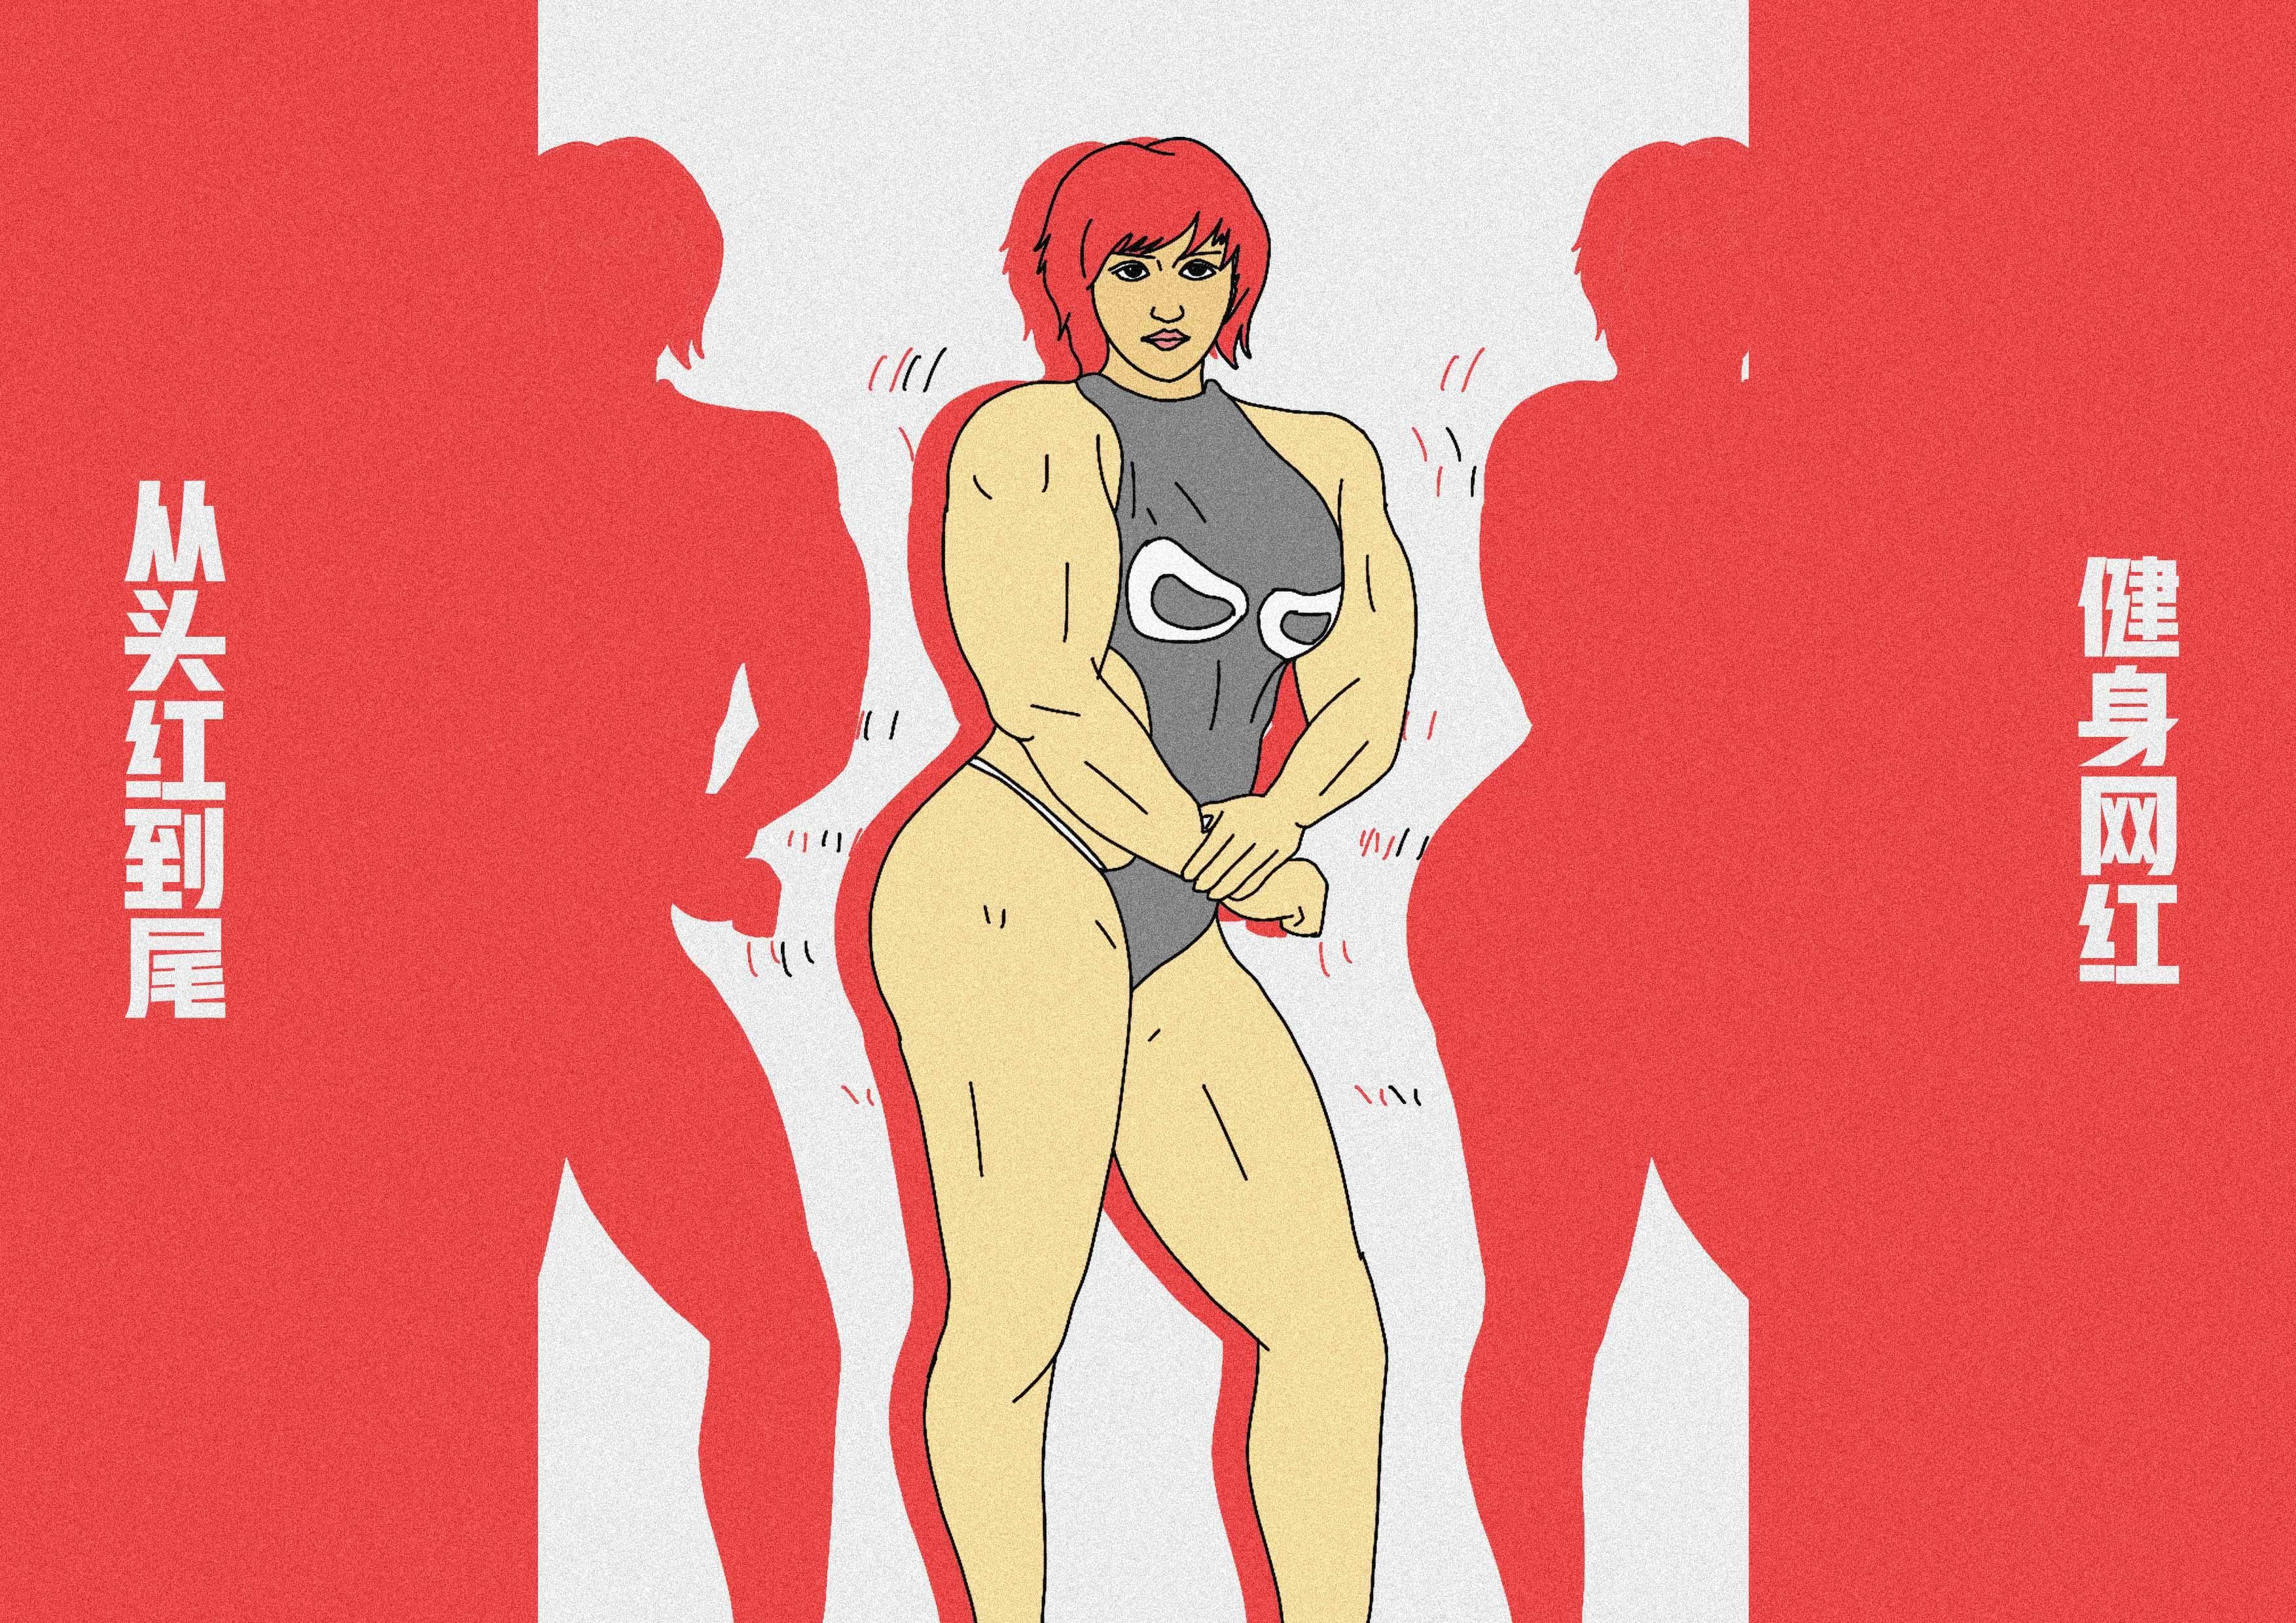 图4,红了.jpg.jpg